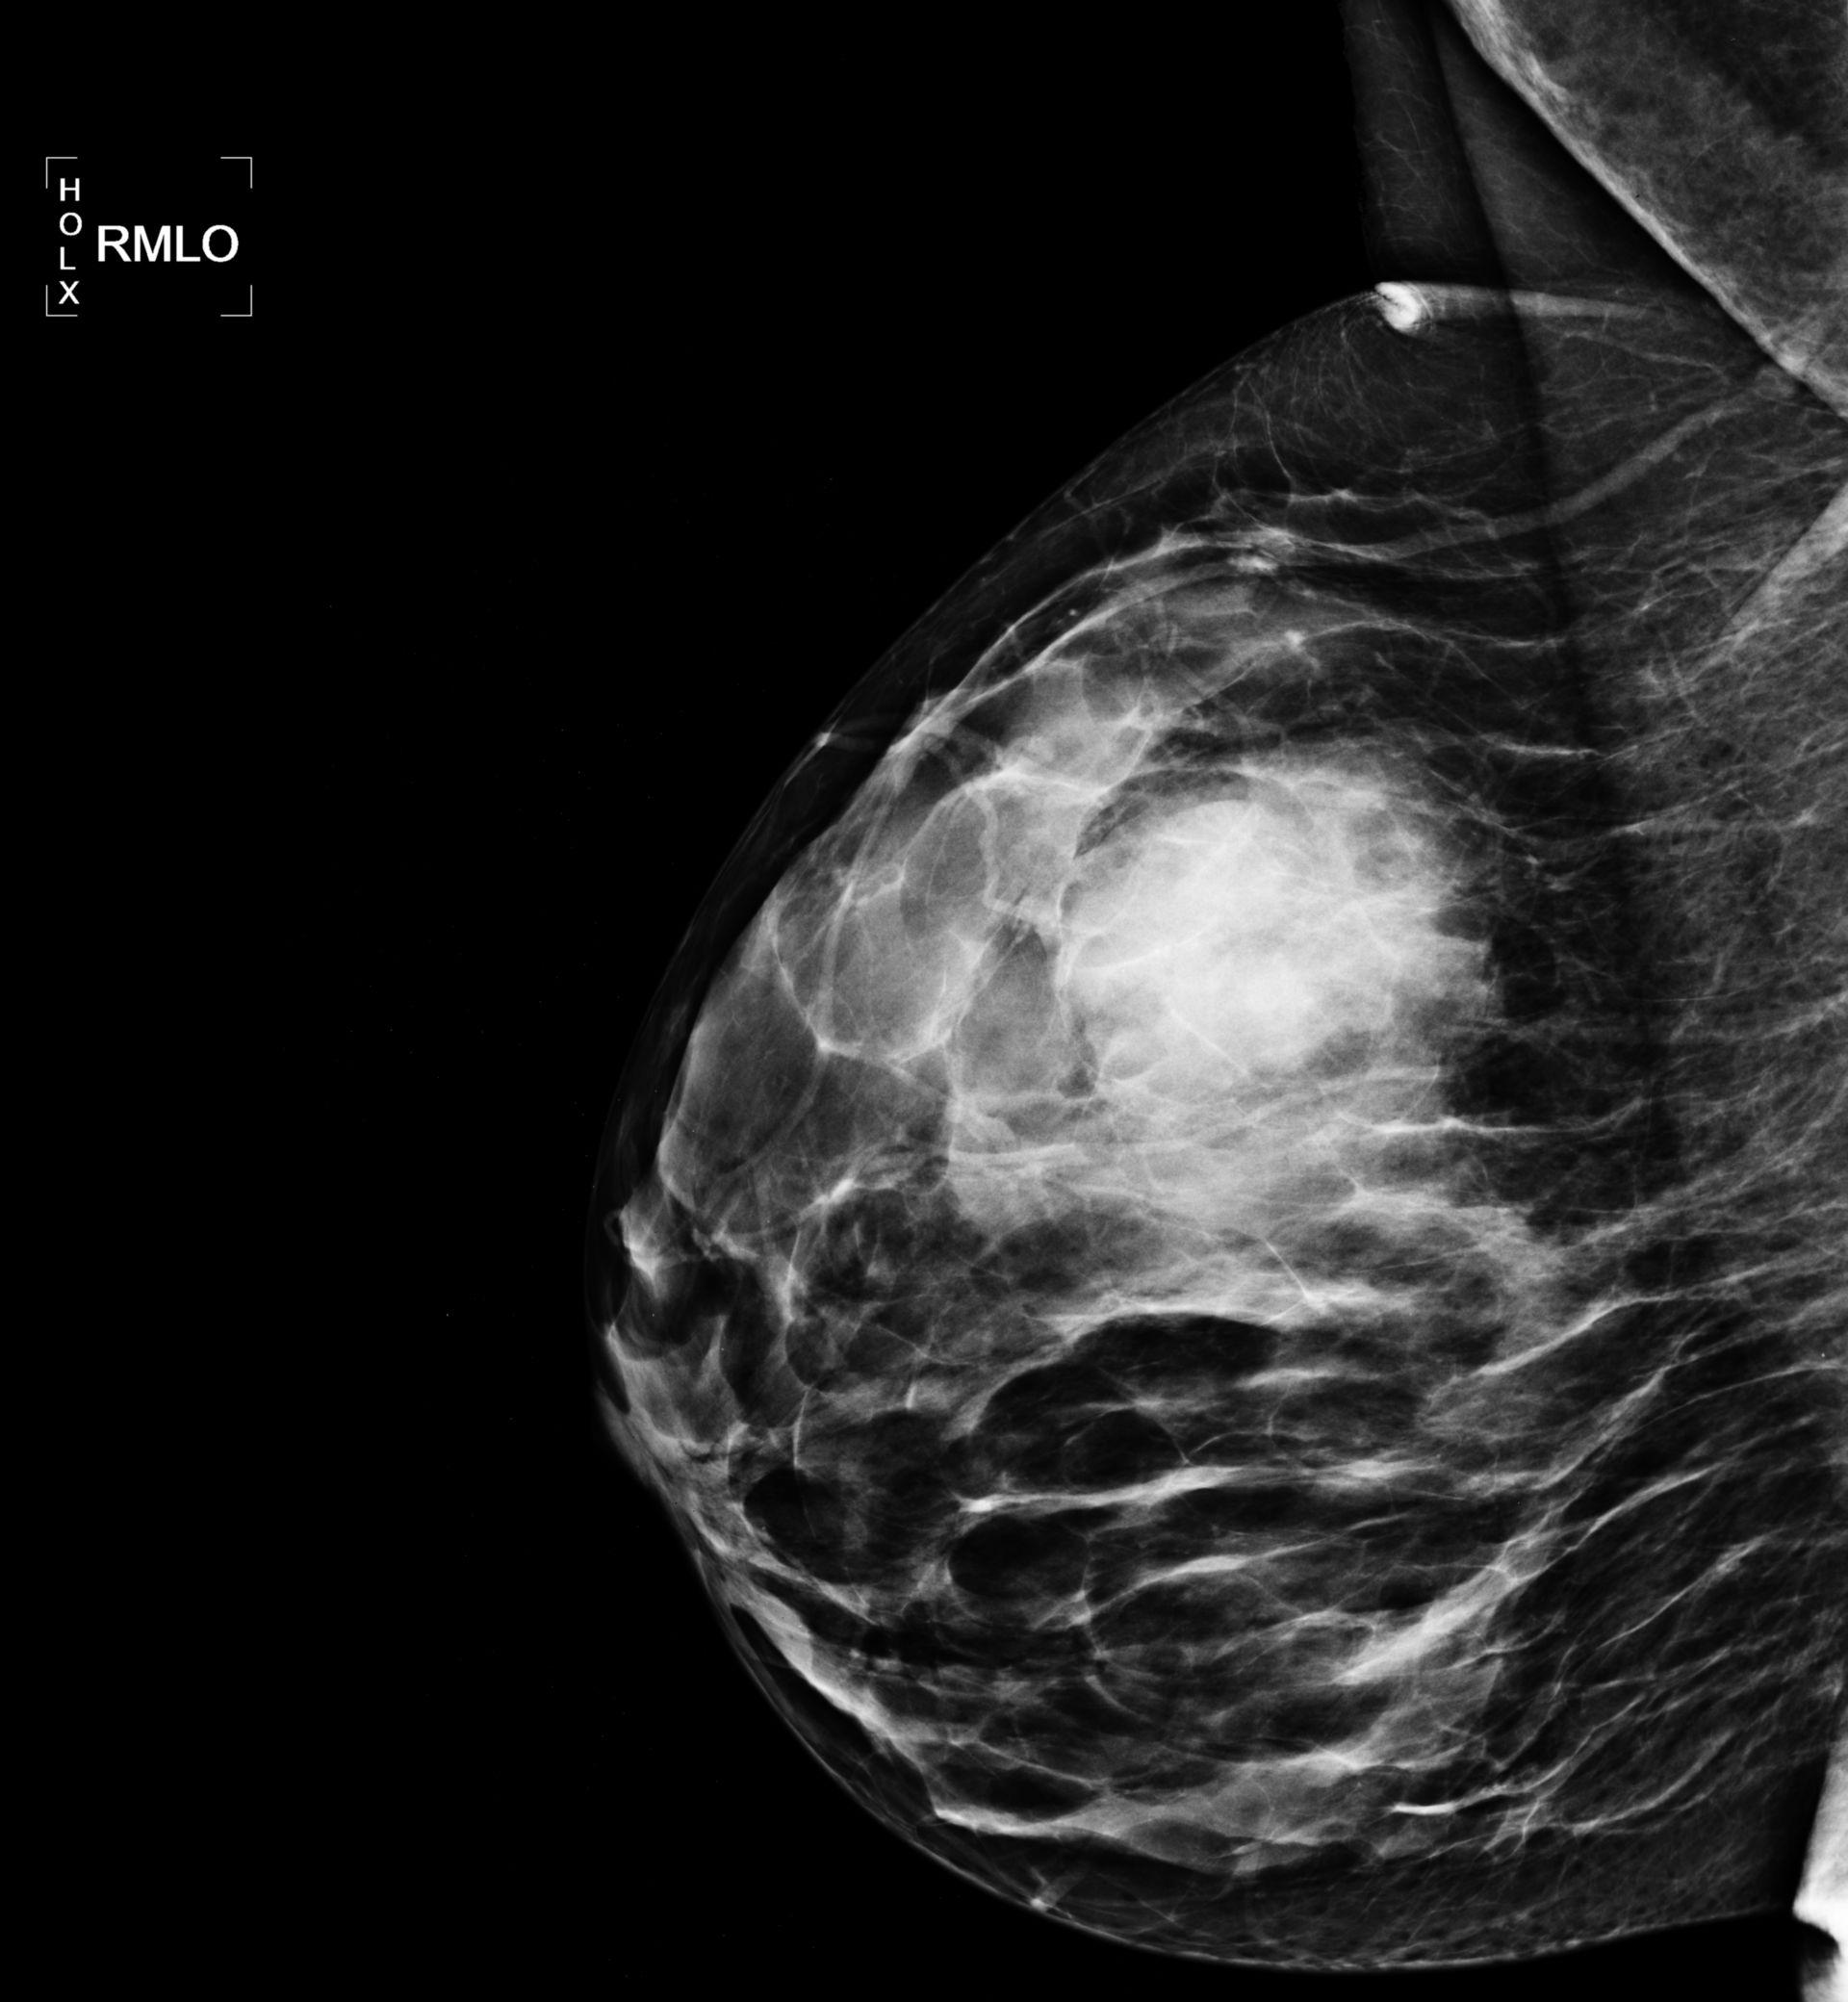 Fibroadenom der Mamma mit Halo-Phänomen (Röntgen)